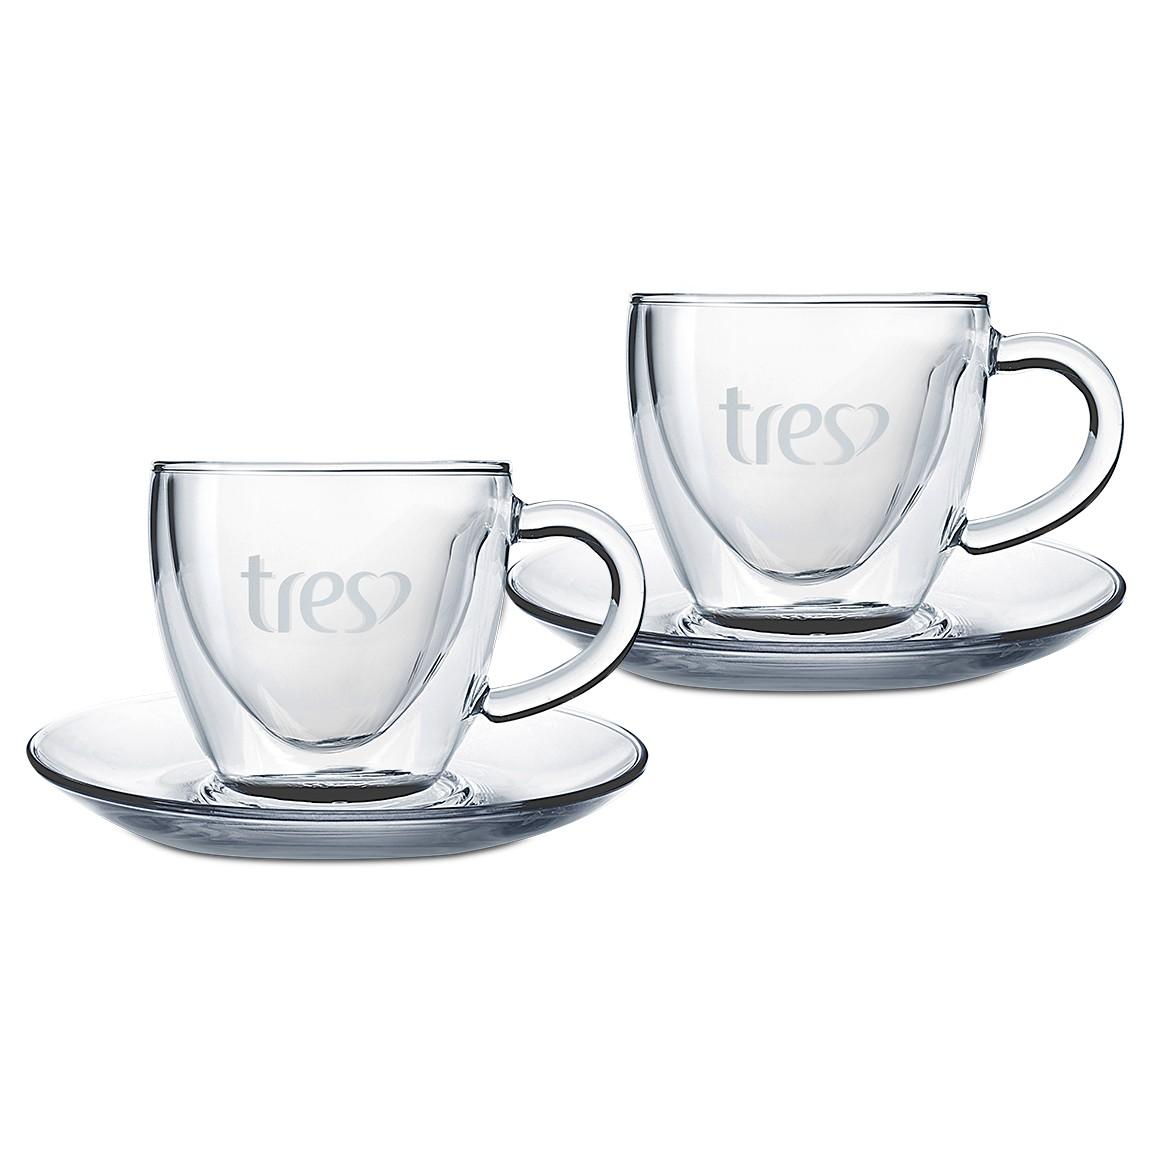 Conjunto de Xícaras para Café Três 50 ml - 2 un